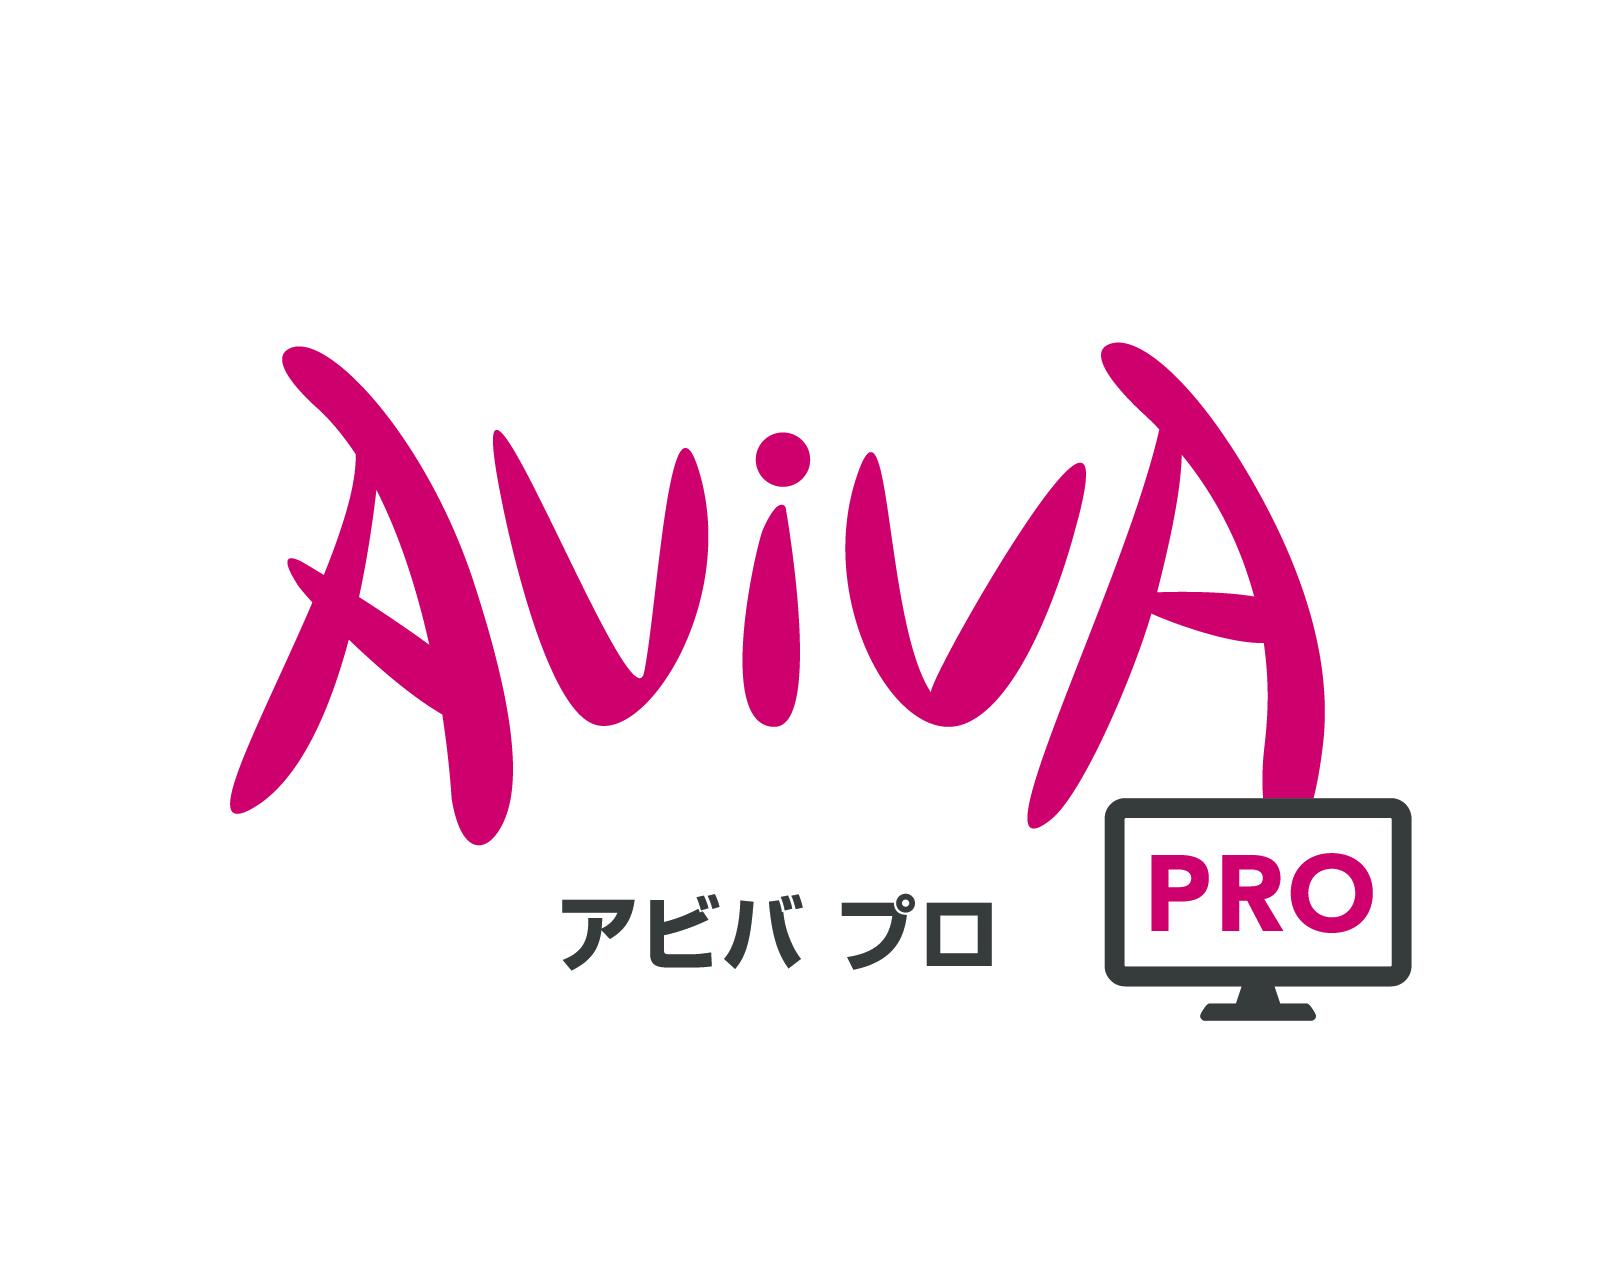 アビバプロ_logo.jpg